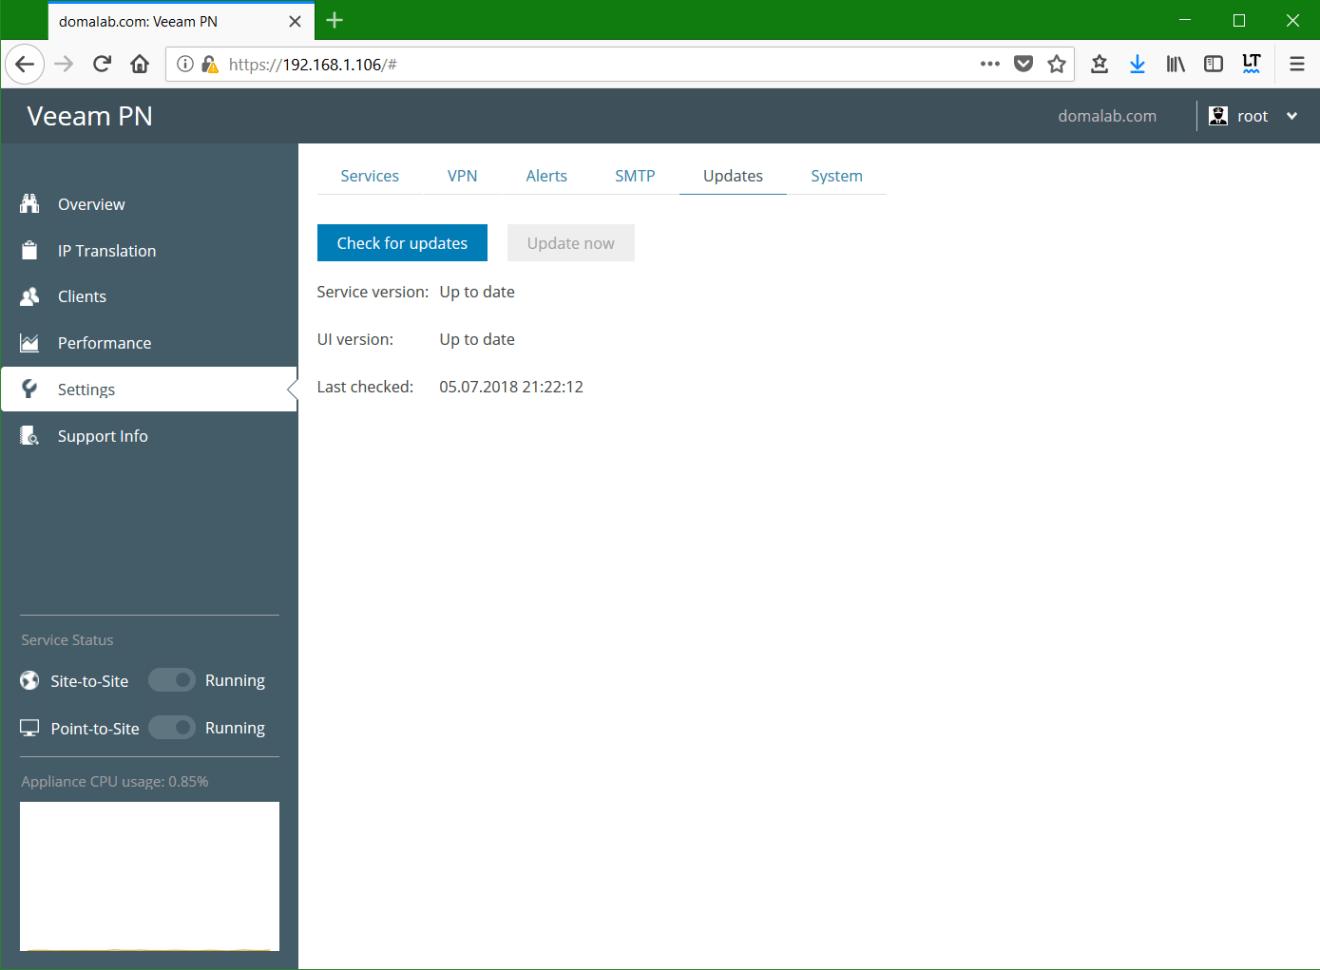 domalab.com Veeam PN updates